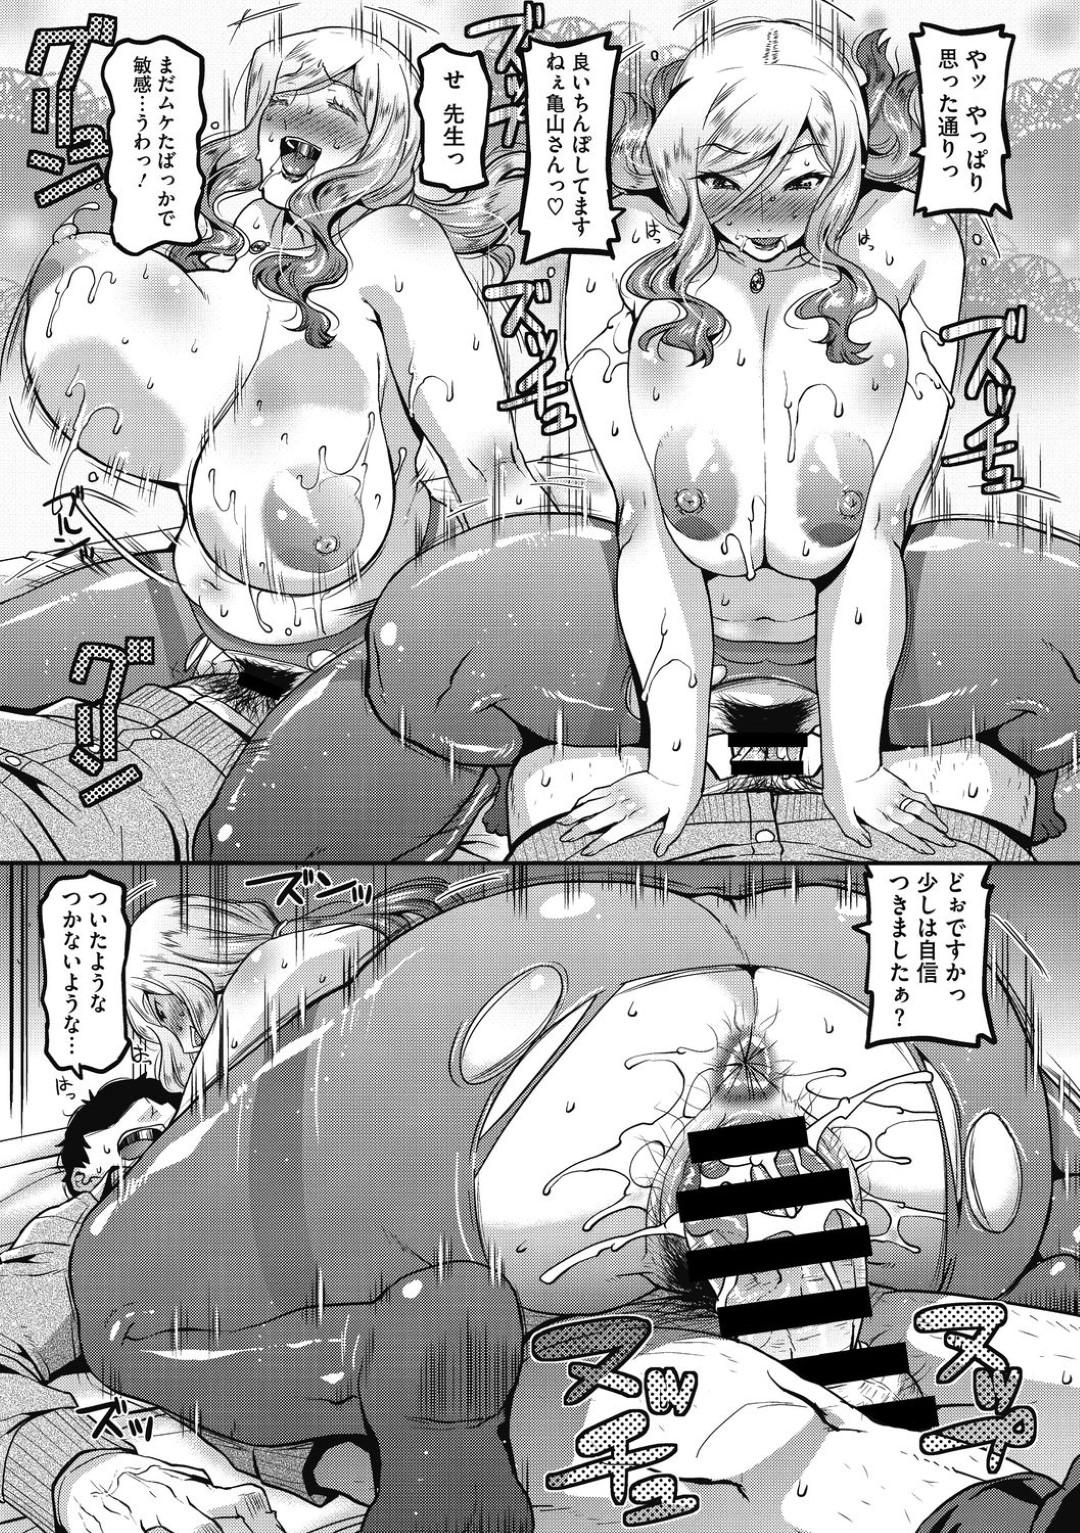 【エロ漫画】包茎の事でムチムチ美人女医の元へ診察に訪れた主人公…女医は彼をベッドに寝かせて治療と称してオナニーさせたり、フェラやパイズリまでしてしまう!更に彼女の行動はエスカレートし、騎乗位生セックスに発展!【歌麿:明日原先生の包茎治療】